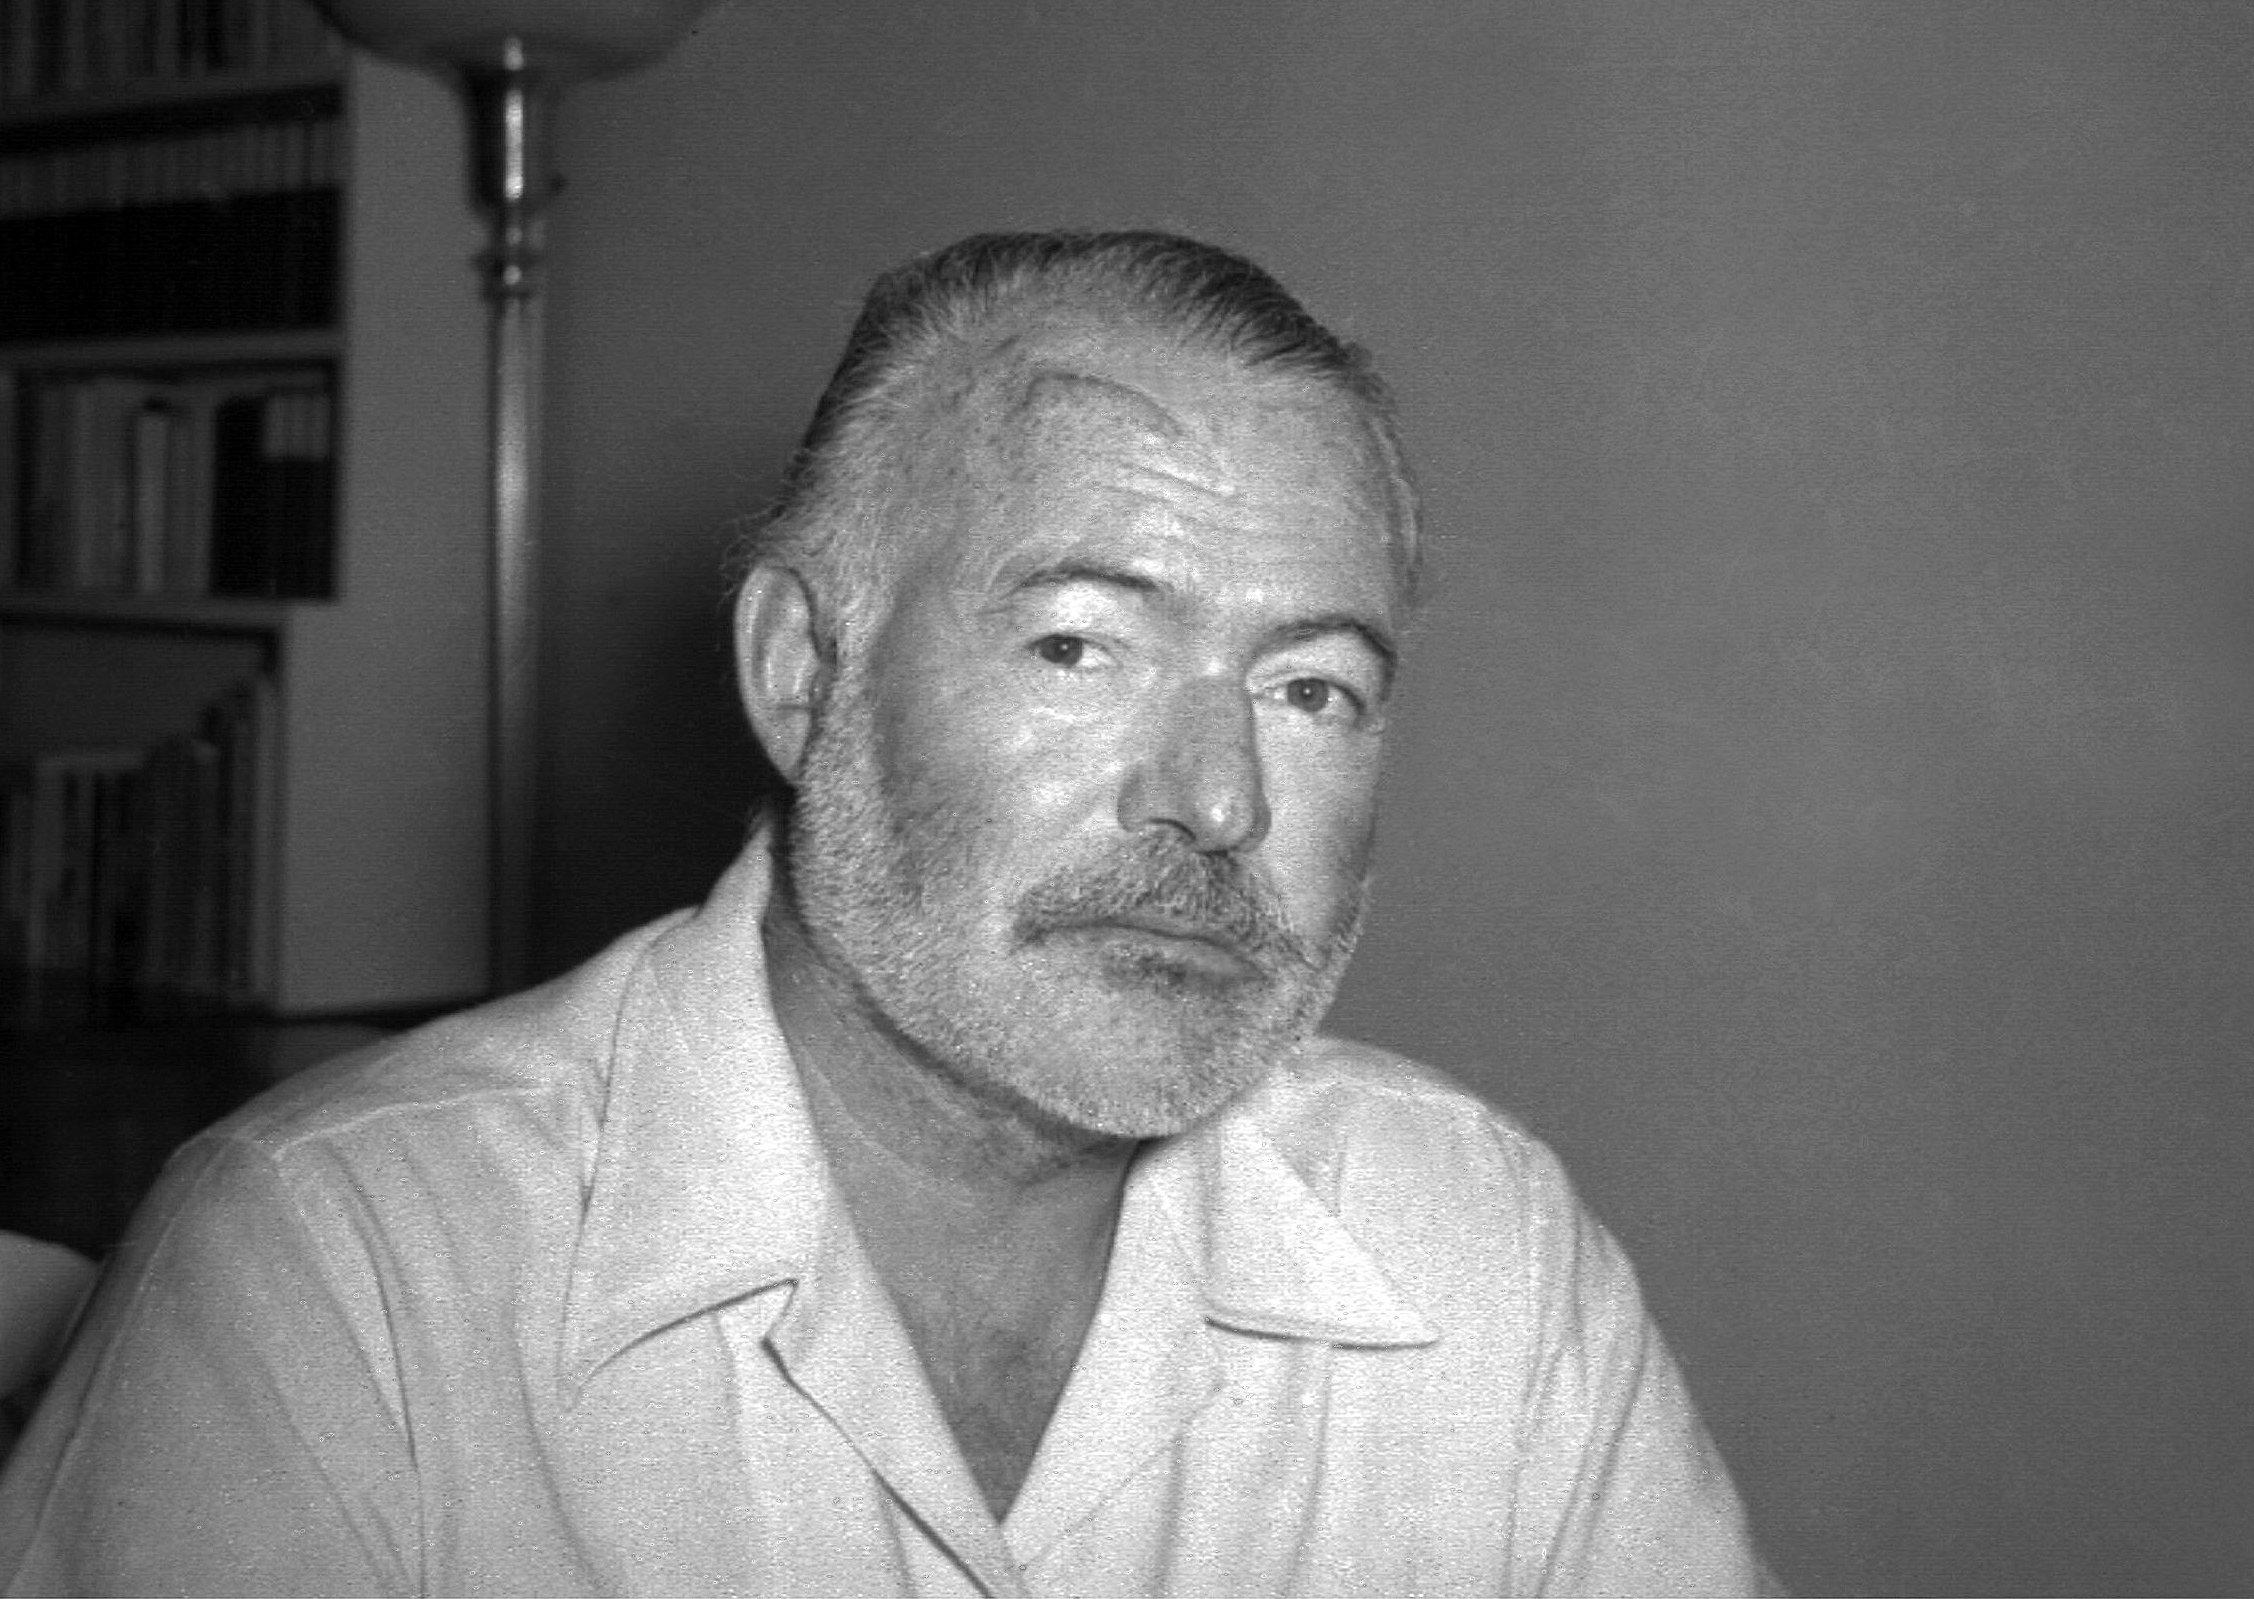 Cuento de Hemingway de 1956 se publica por primera vez